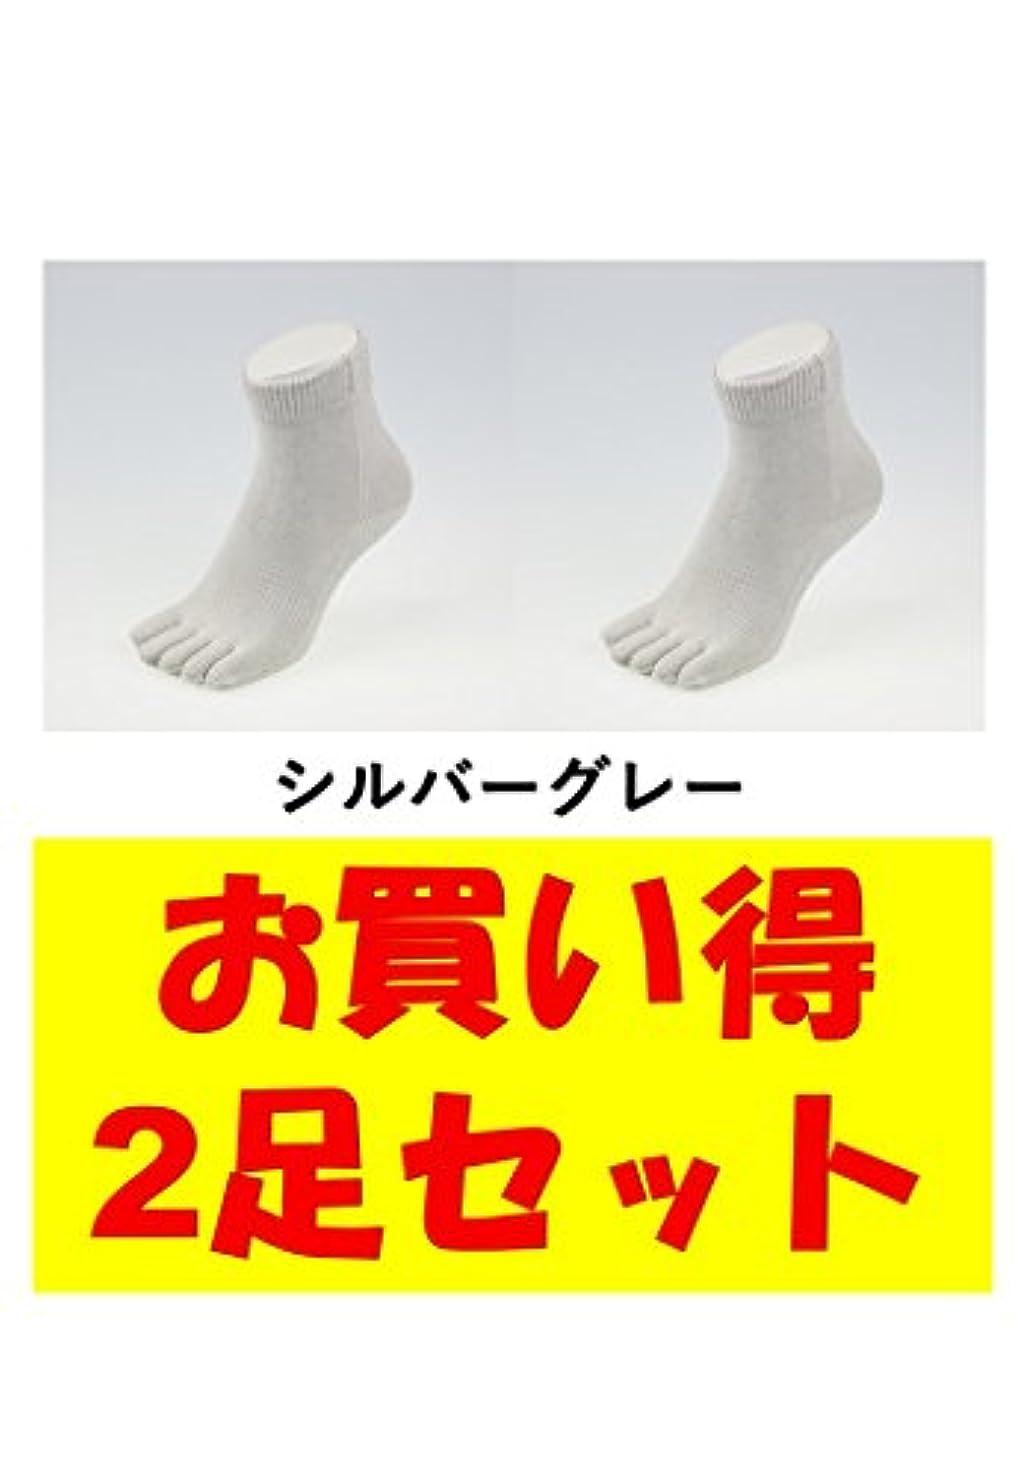 鼓舞するヘッジジャンクお買い得2足セット 5本指 ゆびのばソックス Neo EVE(イヴ) シルバーグレー iサイズ(23.5cm - 25.5cm) YSNEVE-SGL